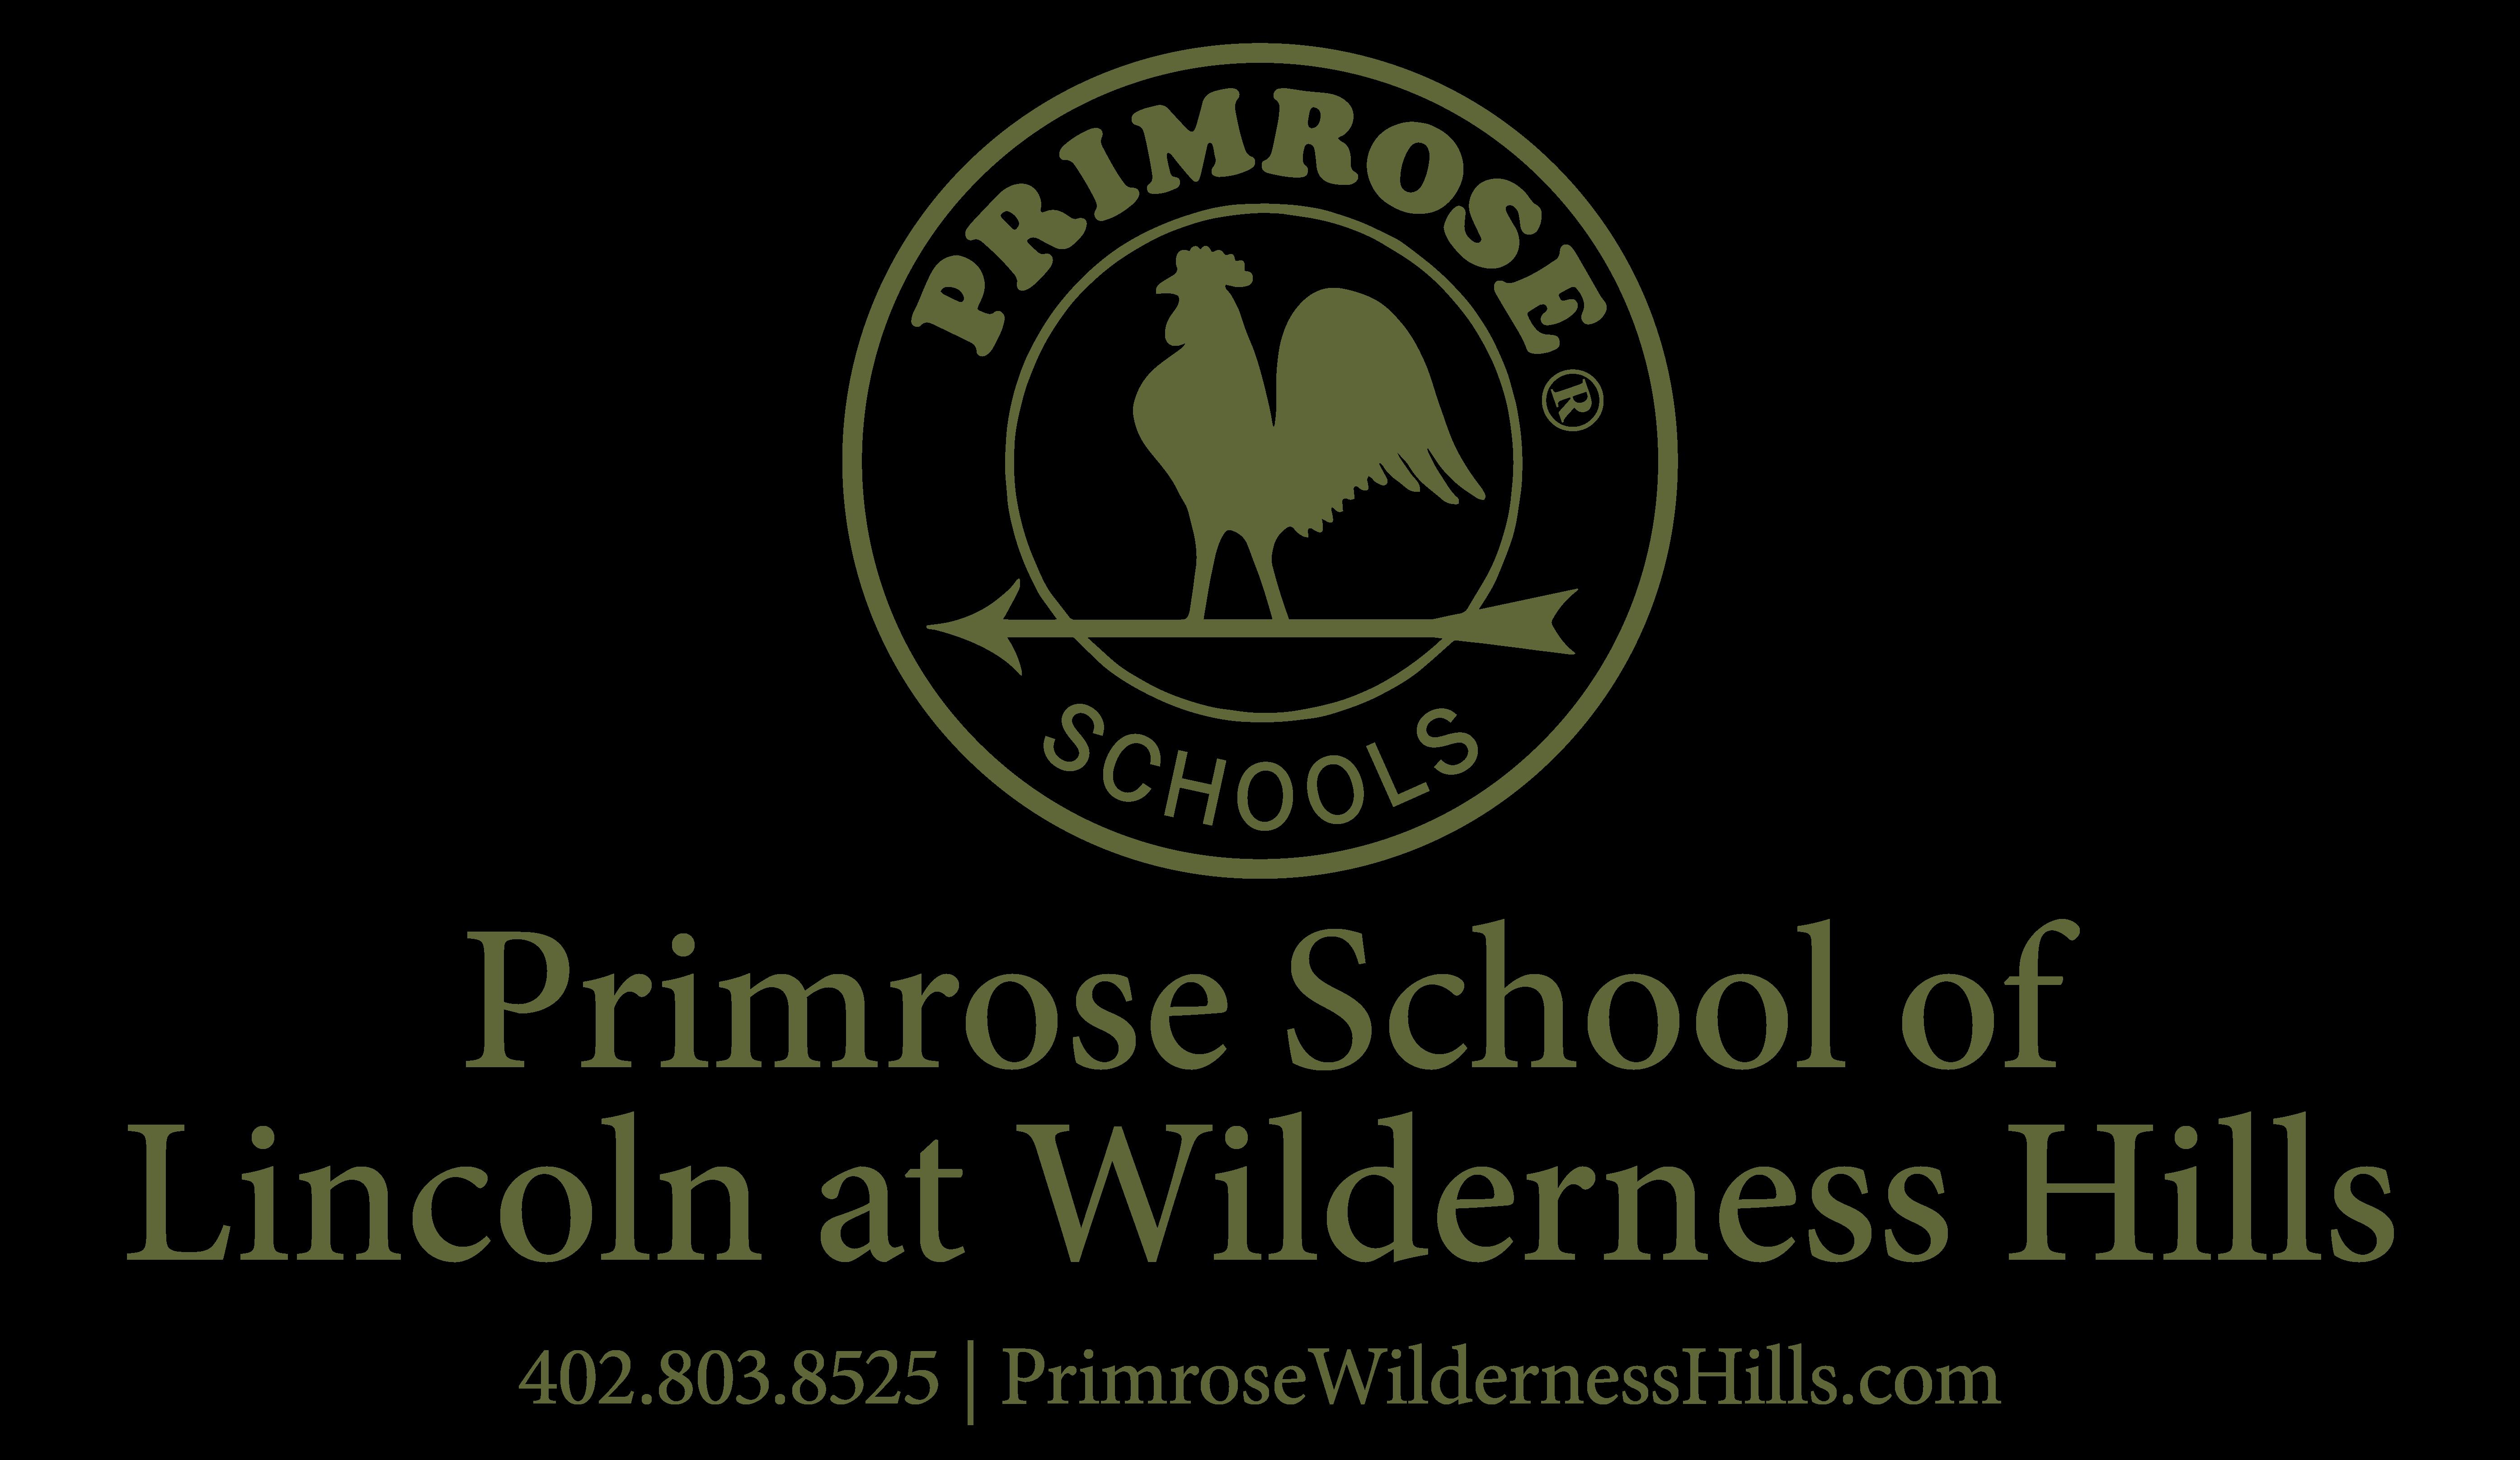 Primrose Wilderness Hills